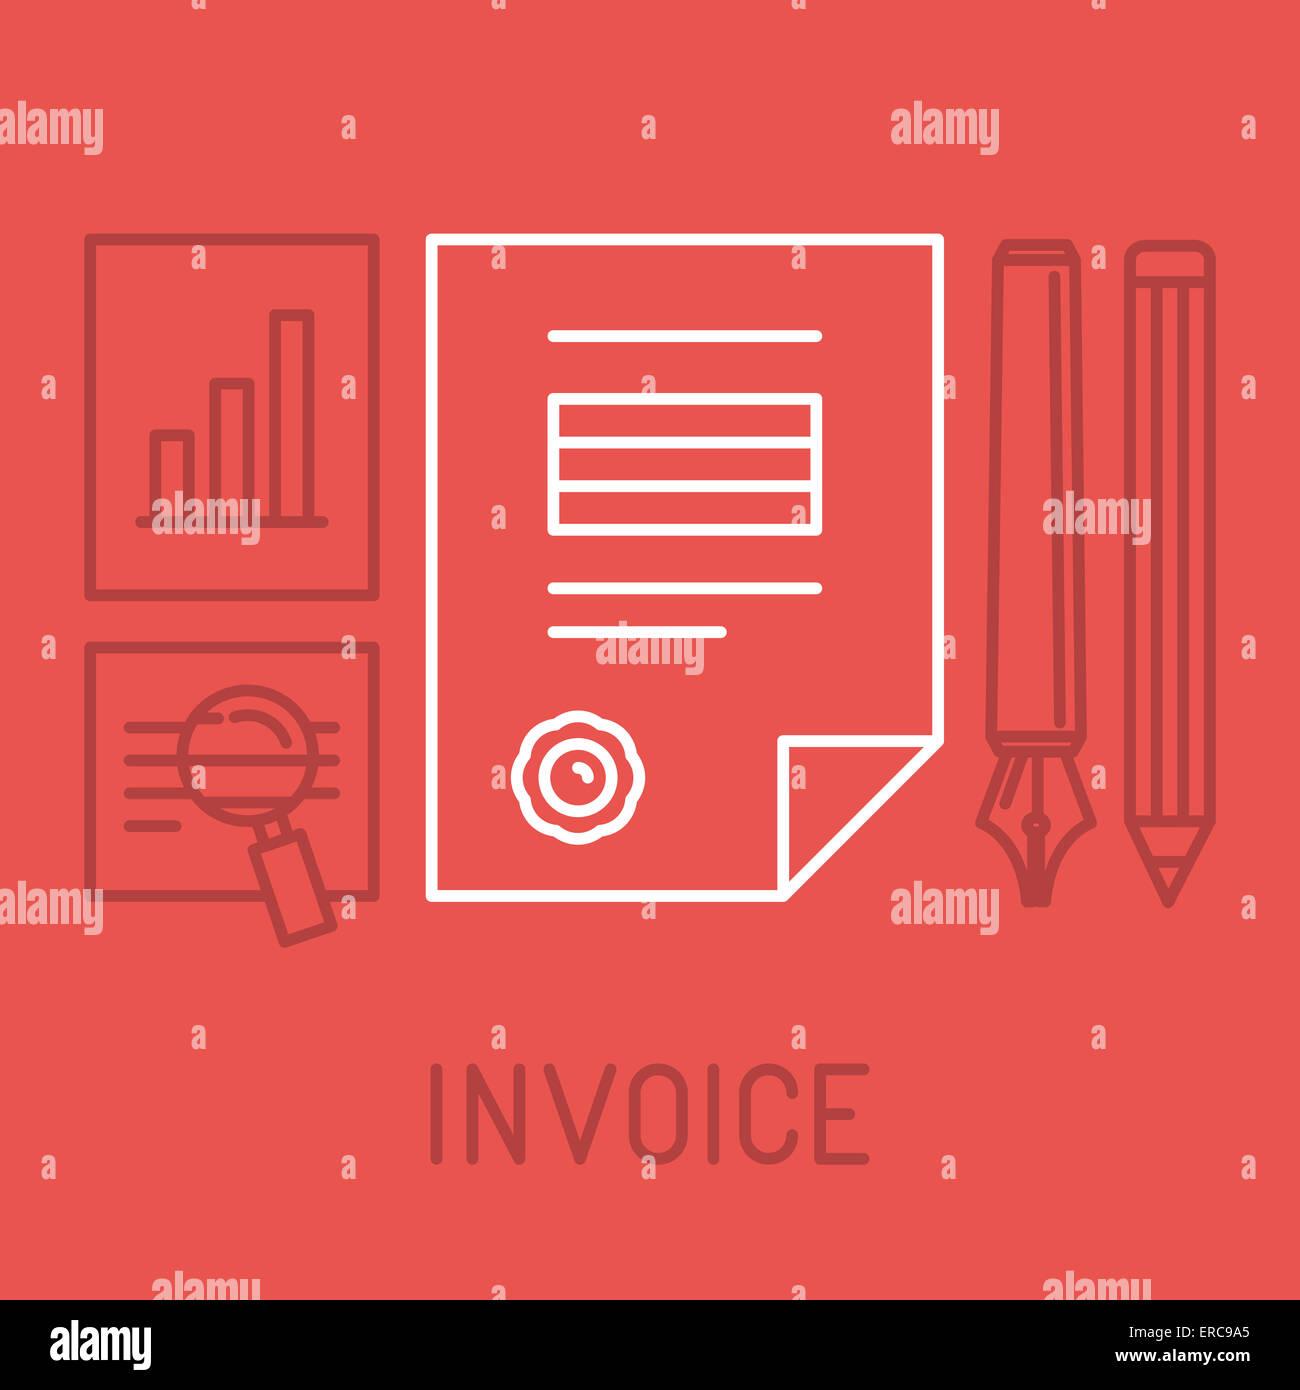 Concept de facture dans les grandes lignes du projet de loi avec l'icône de style - stamp payé Photo Stock